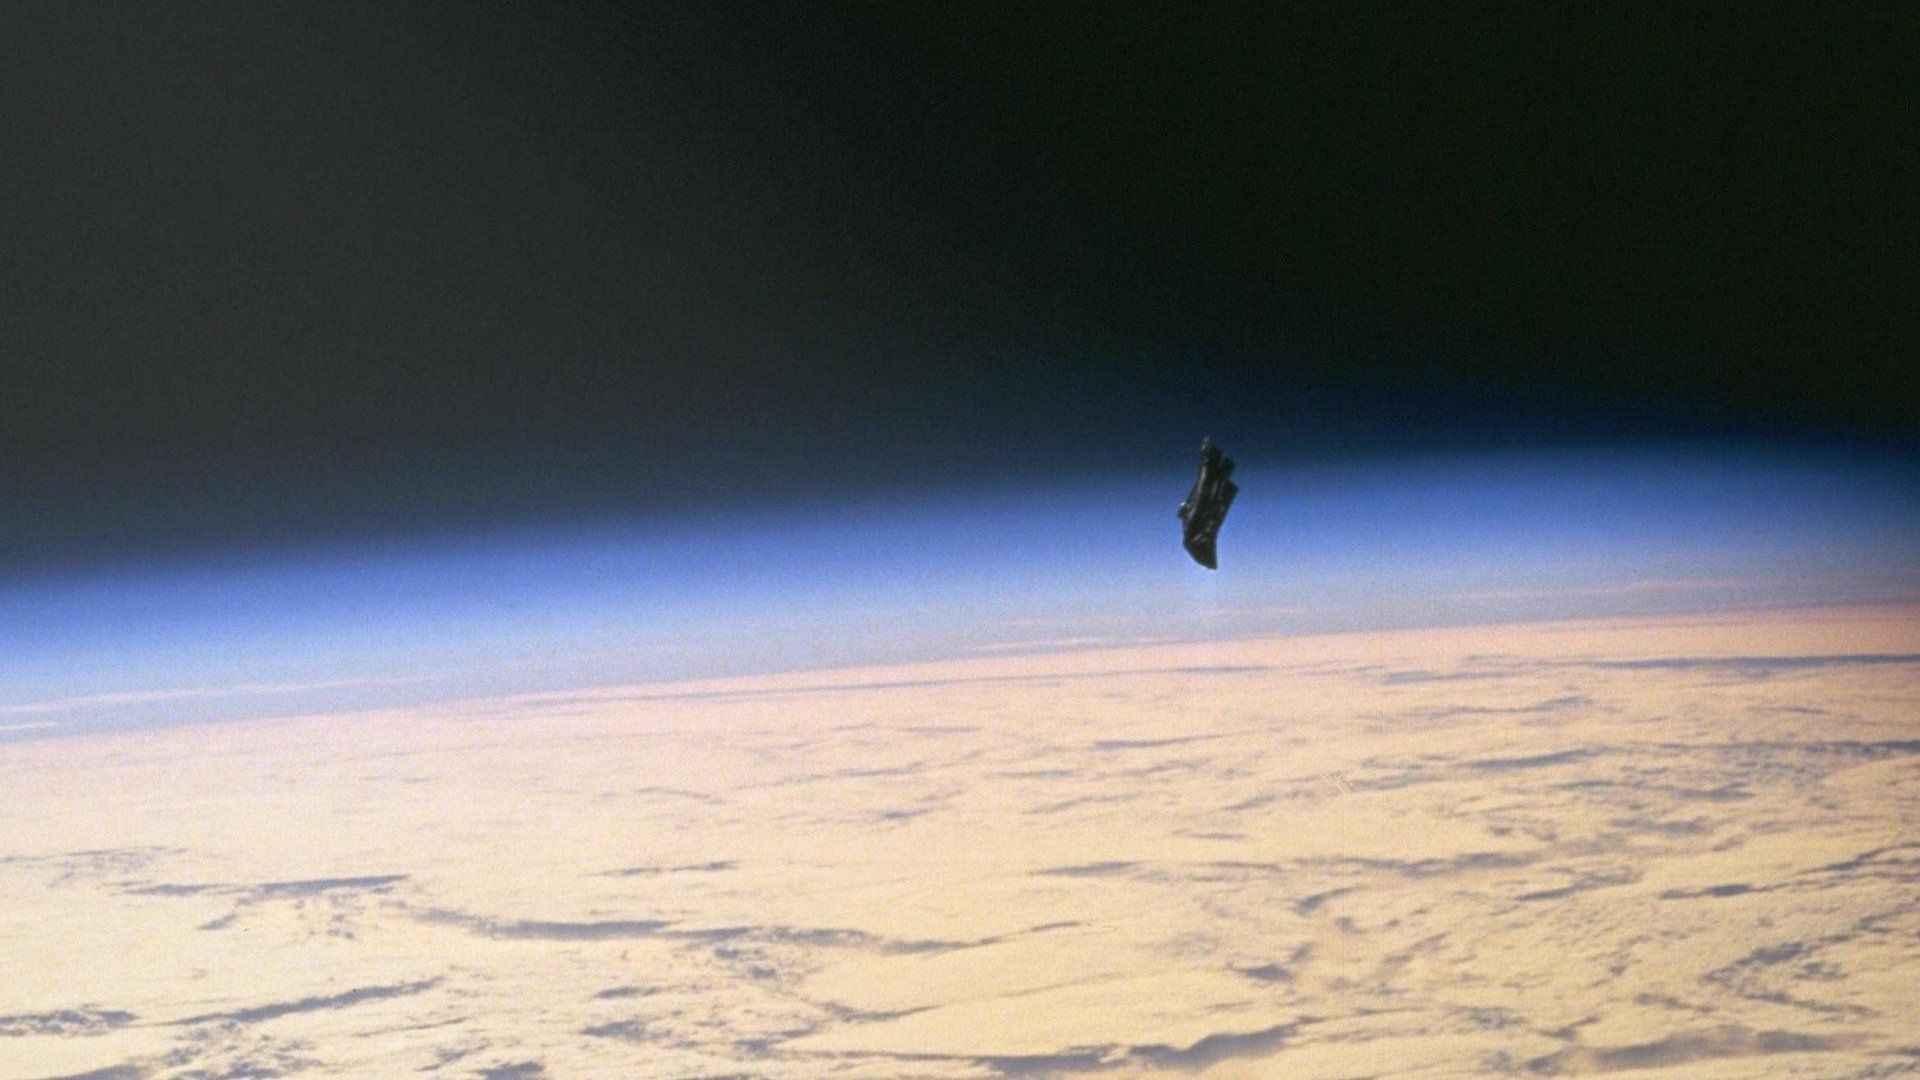 Uzaylıların gönderdiği düşünülenKara Şövalyeuydusu böyle bir vaka. Uydunun, 1998'de Endeavoruzay aracı tarafından fotoğraflandığı iddia ediliyordu termal